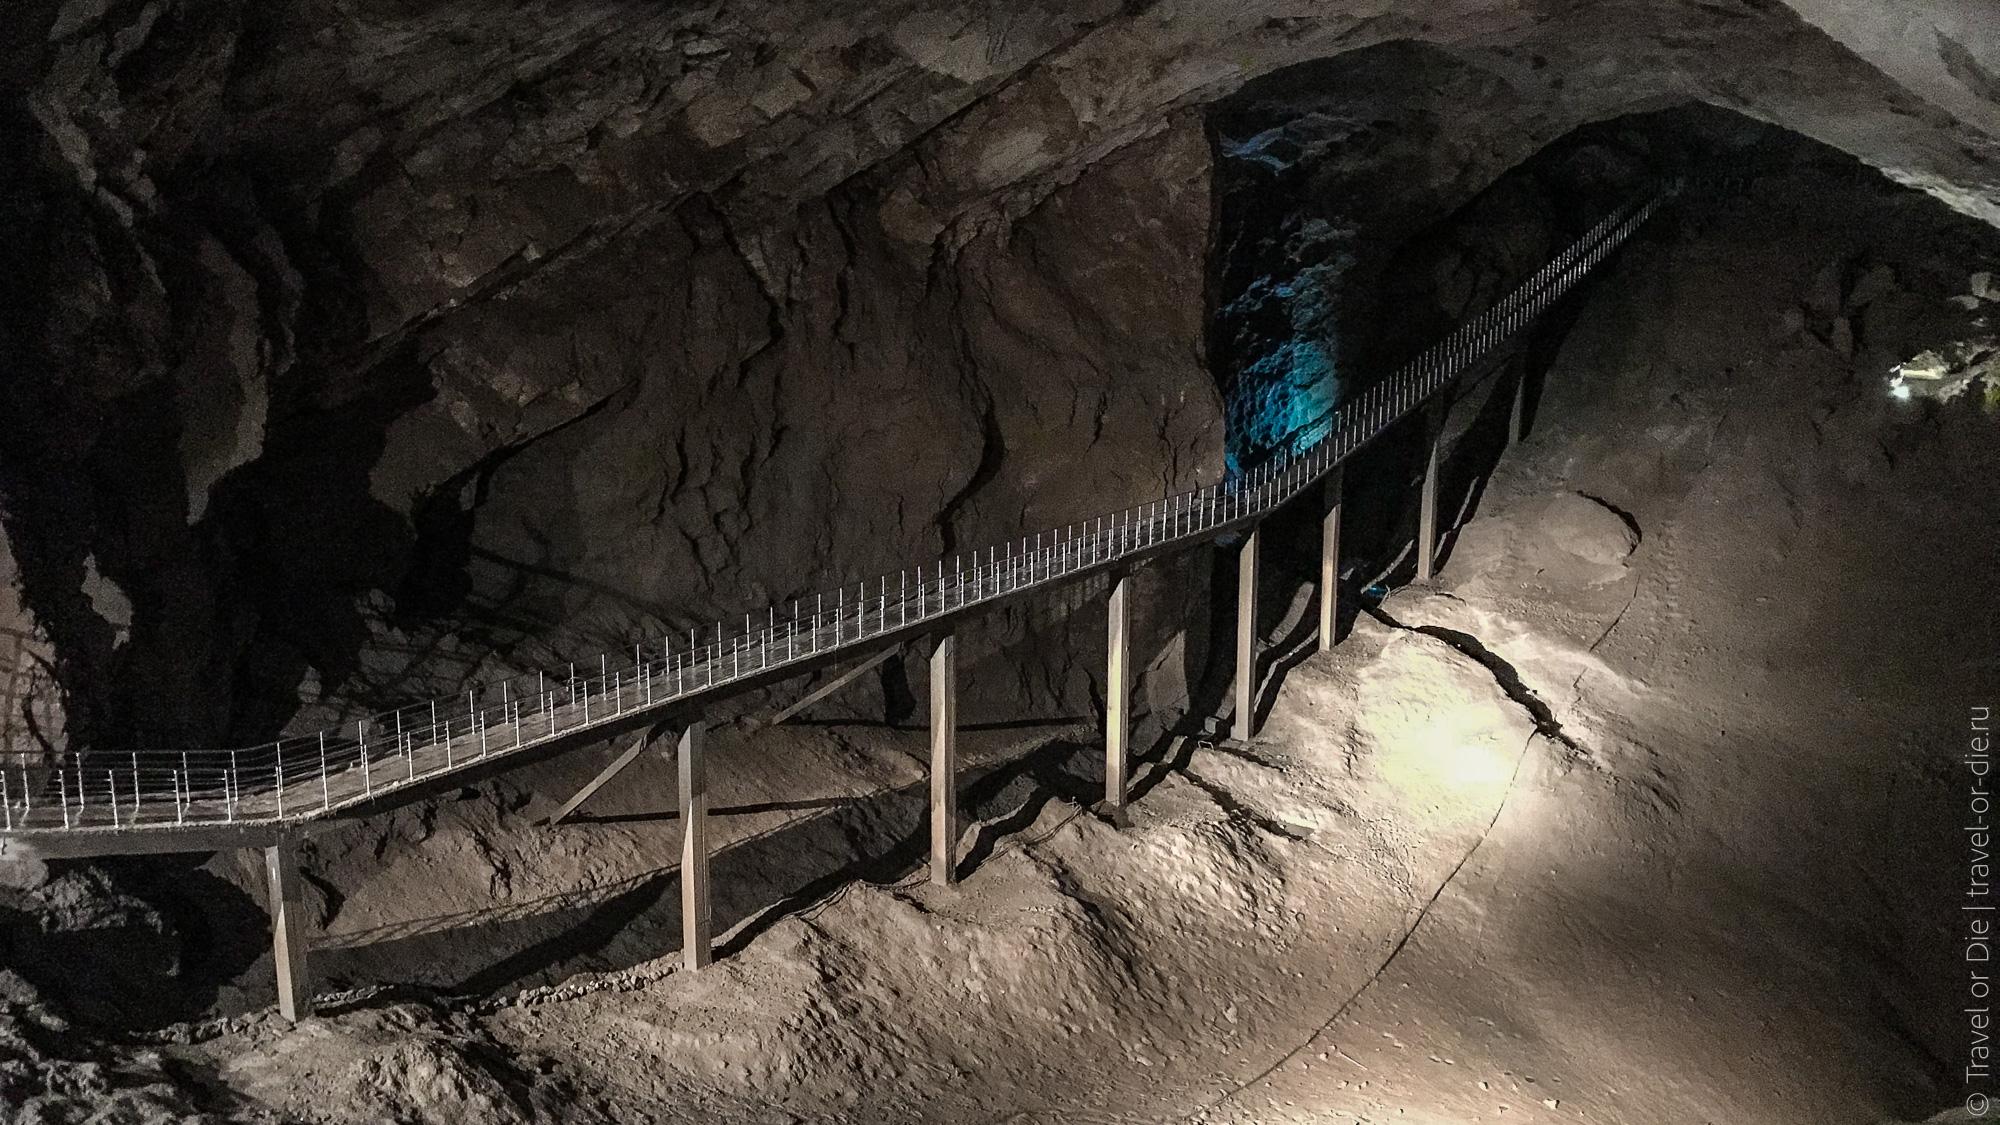 достопримечательности Абхазии - Новоафонская пещера в Новом Афоне